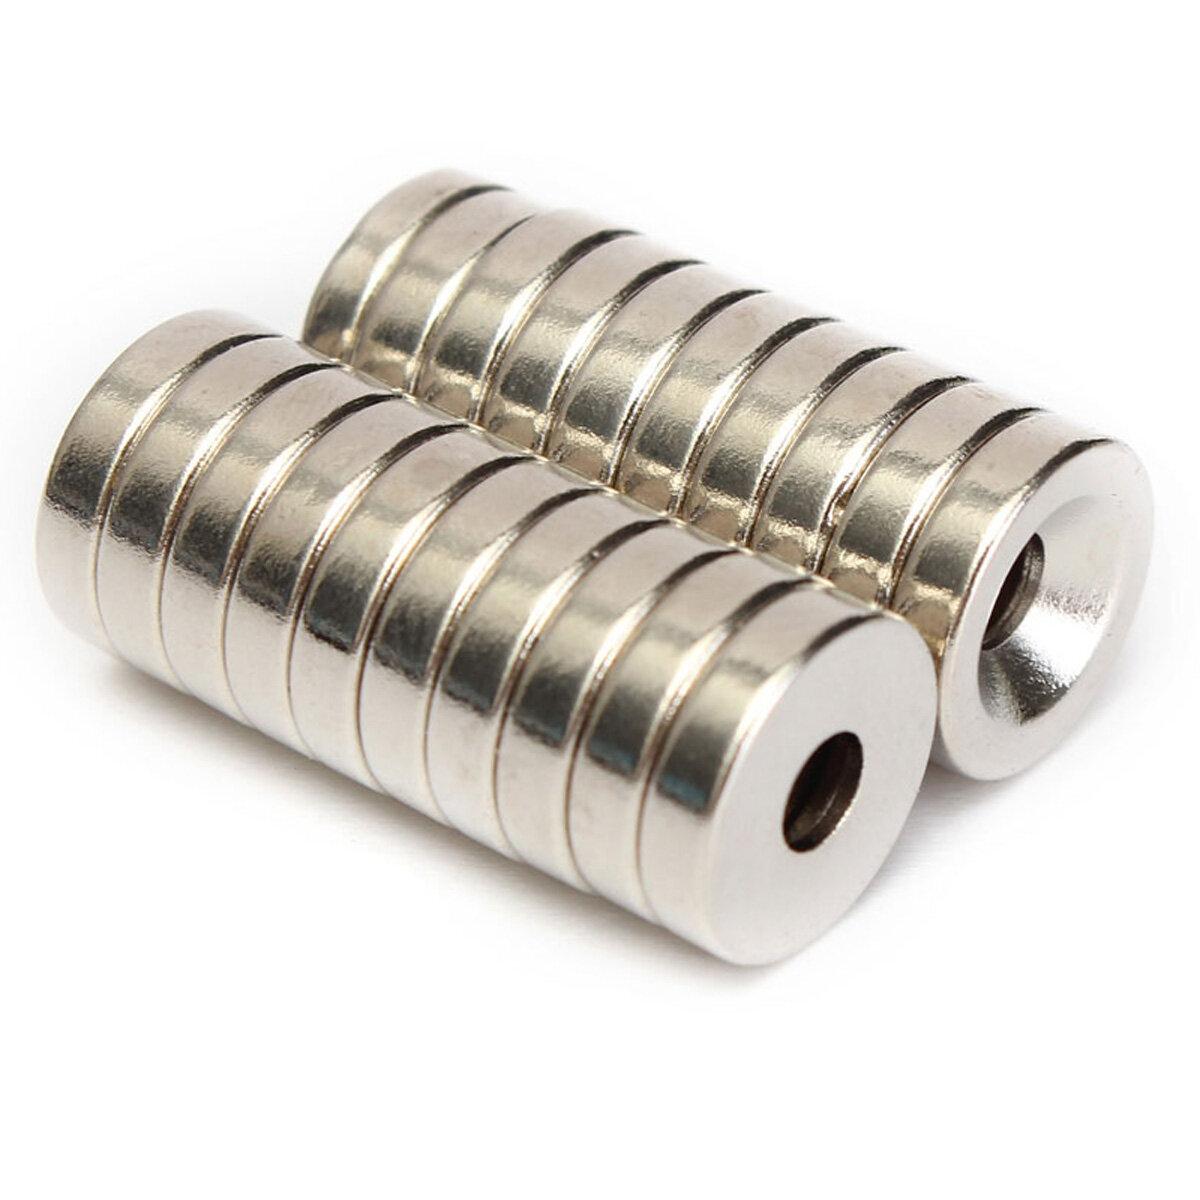 20 chiếc N50 12x3mm Bộ đếm vòng nam châm Nhẫn 4mm Lỗ đất hiếm Neodymium Magnet